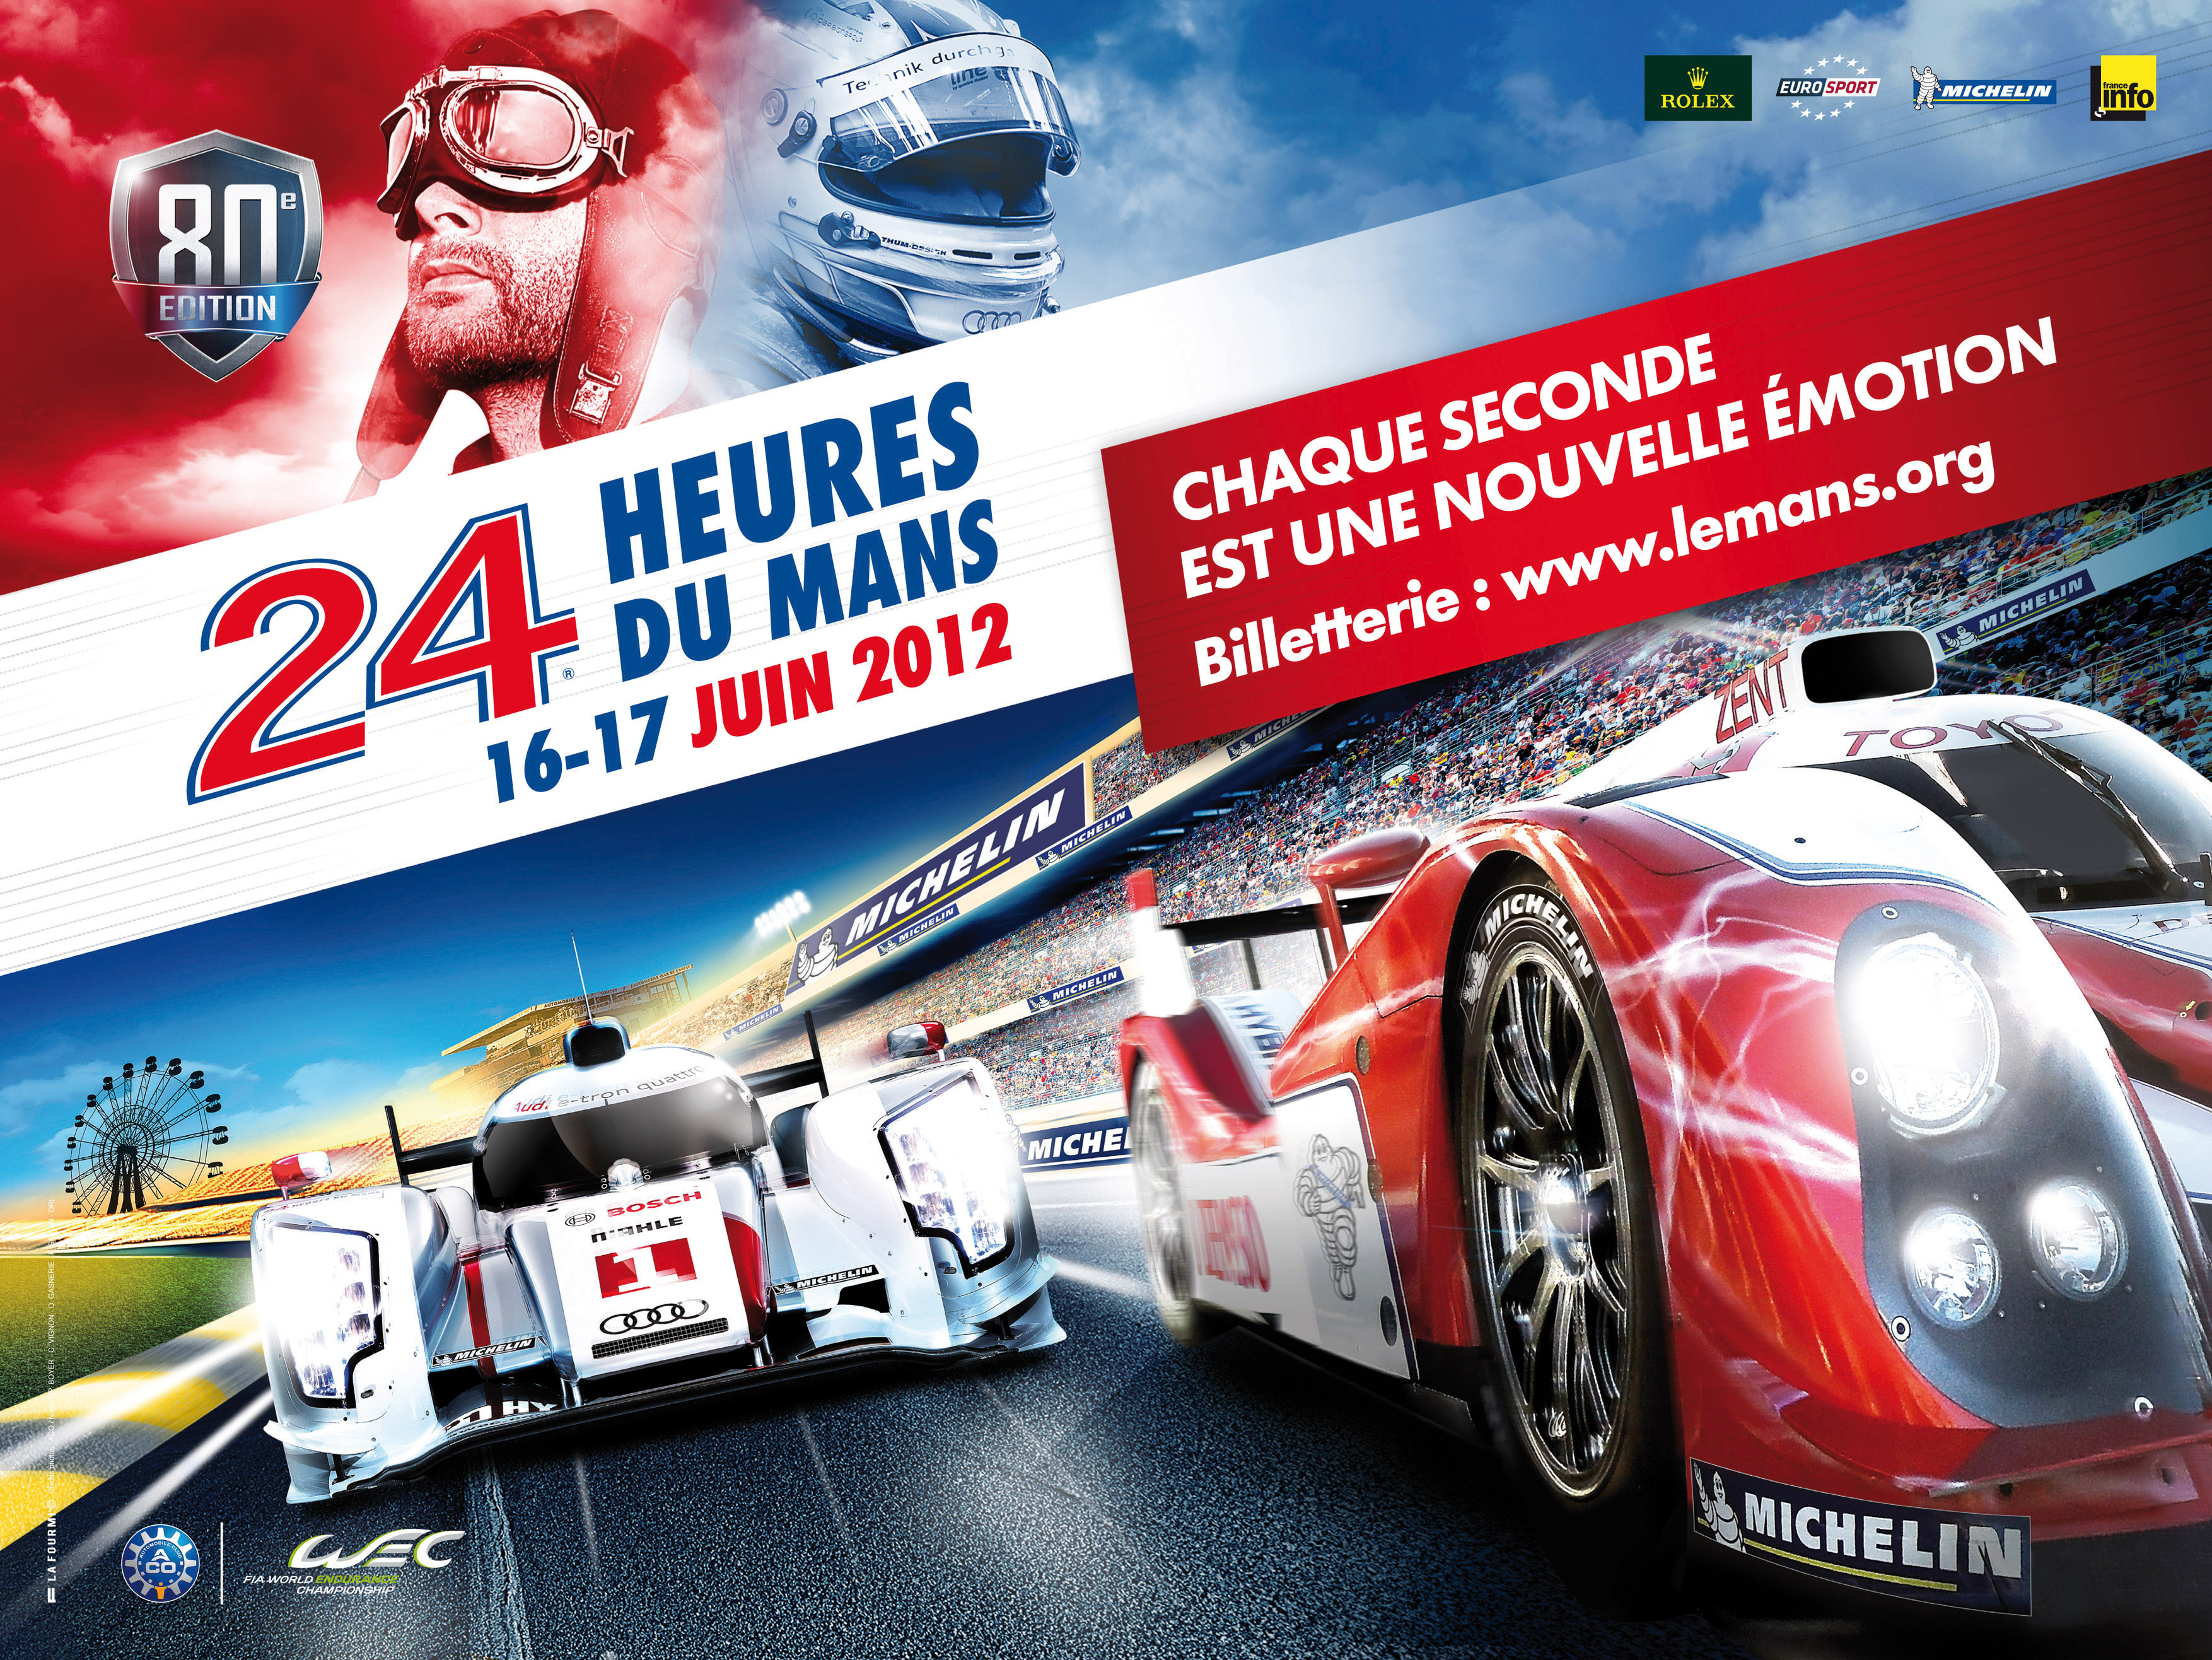 le rencontre Le Mans